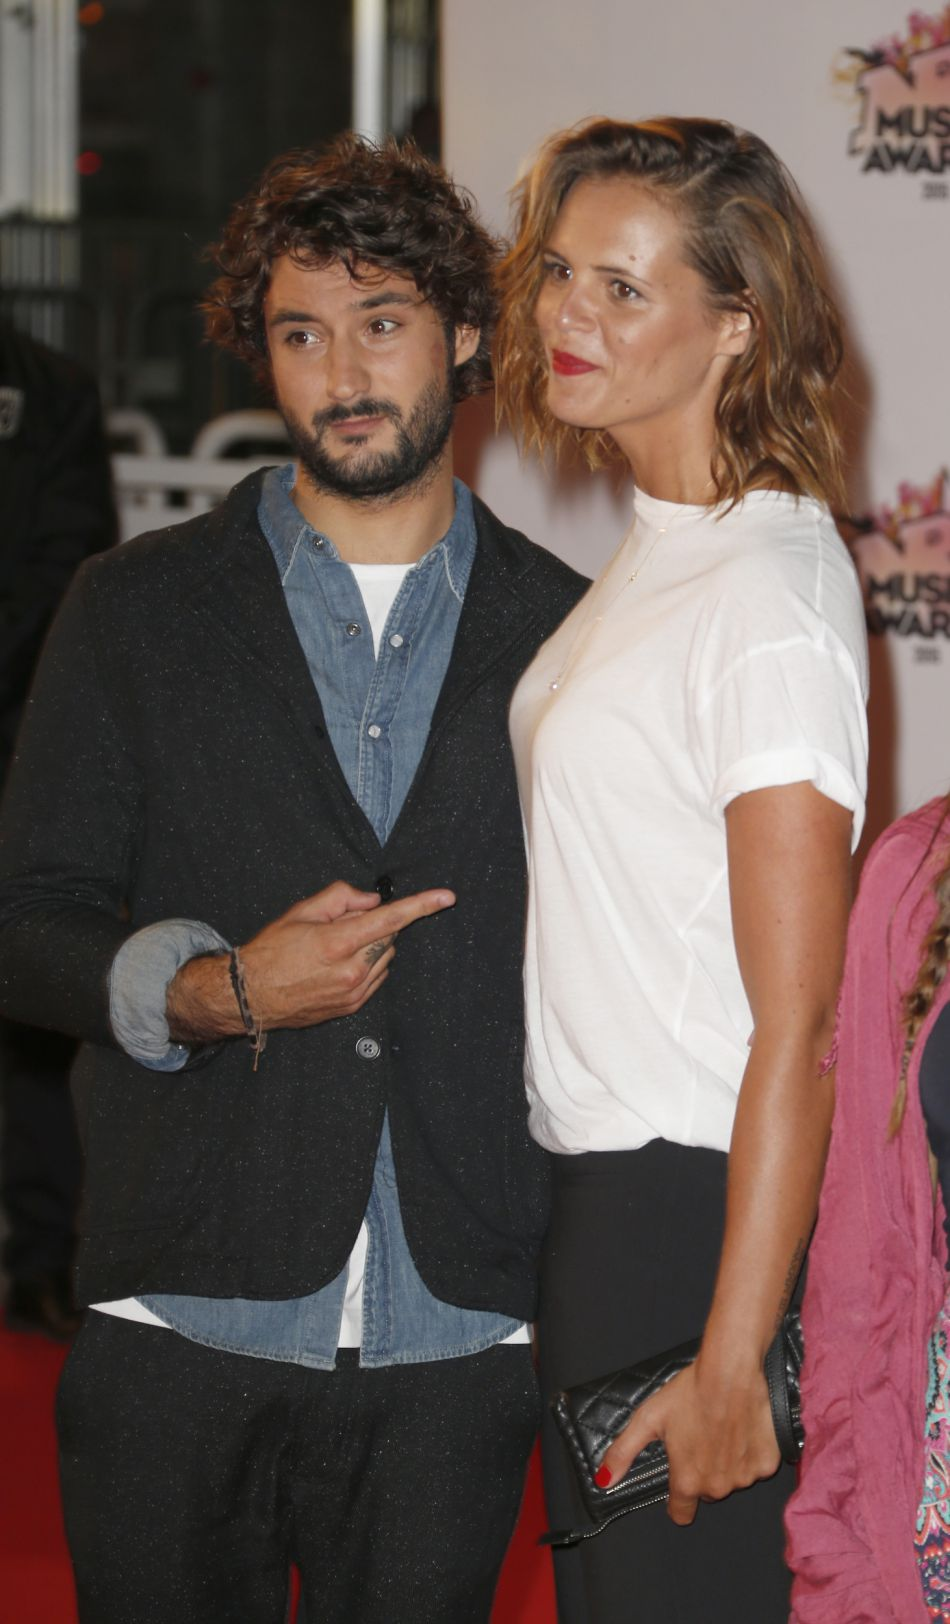 Laure Manaudou et Jérémy Frérot attendrissent une nouvelle fois Instagram avec un cliché en amoureux.